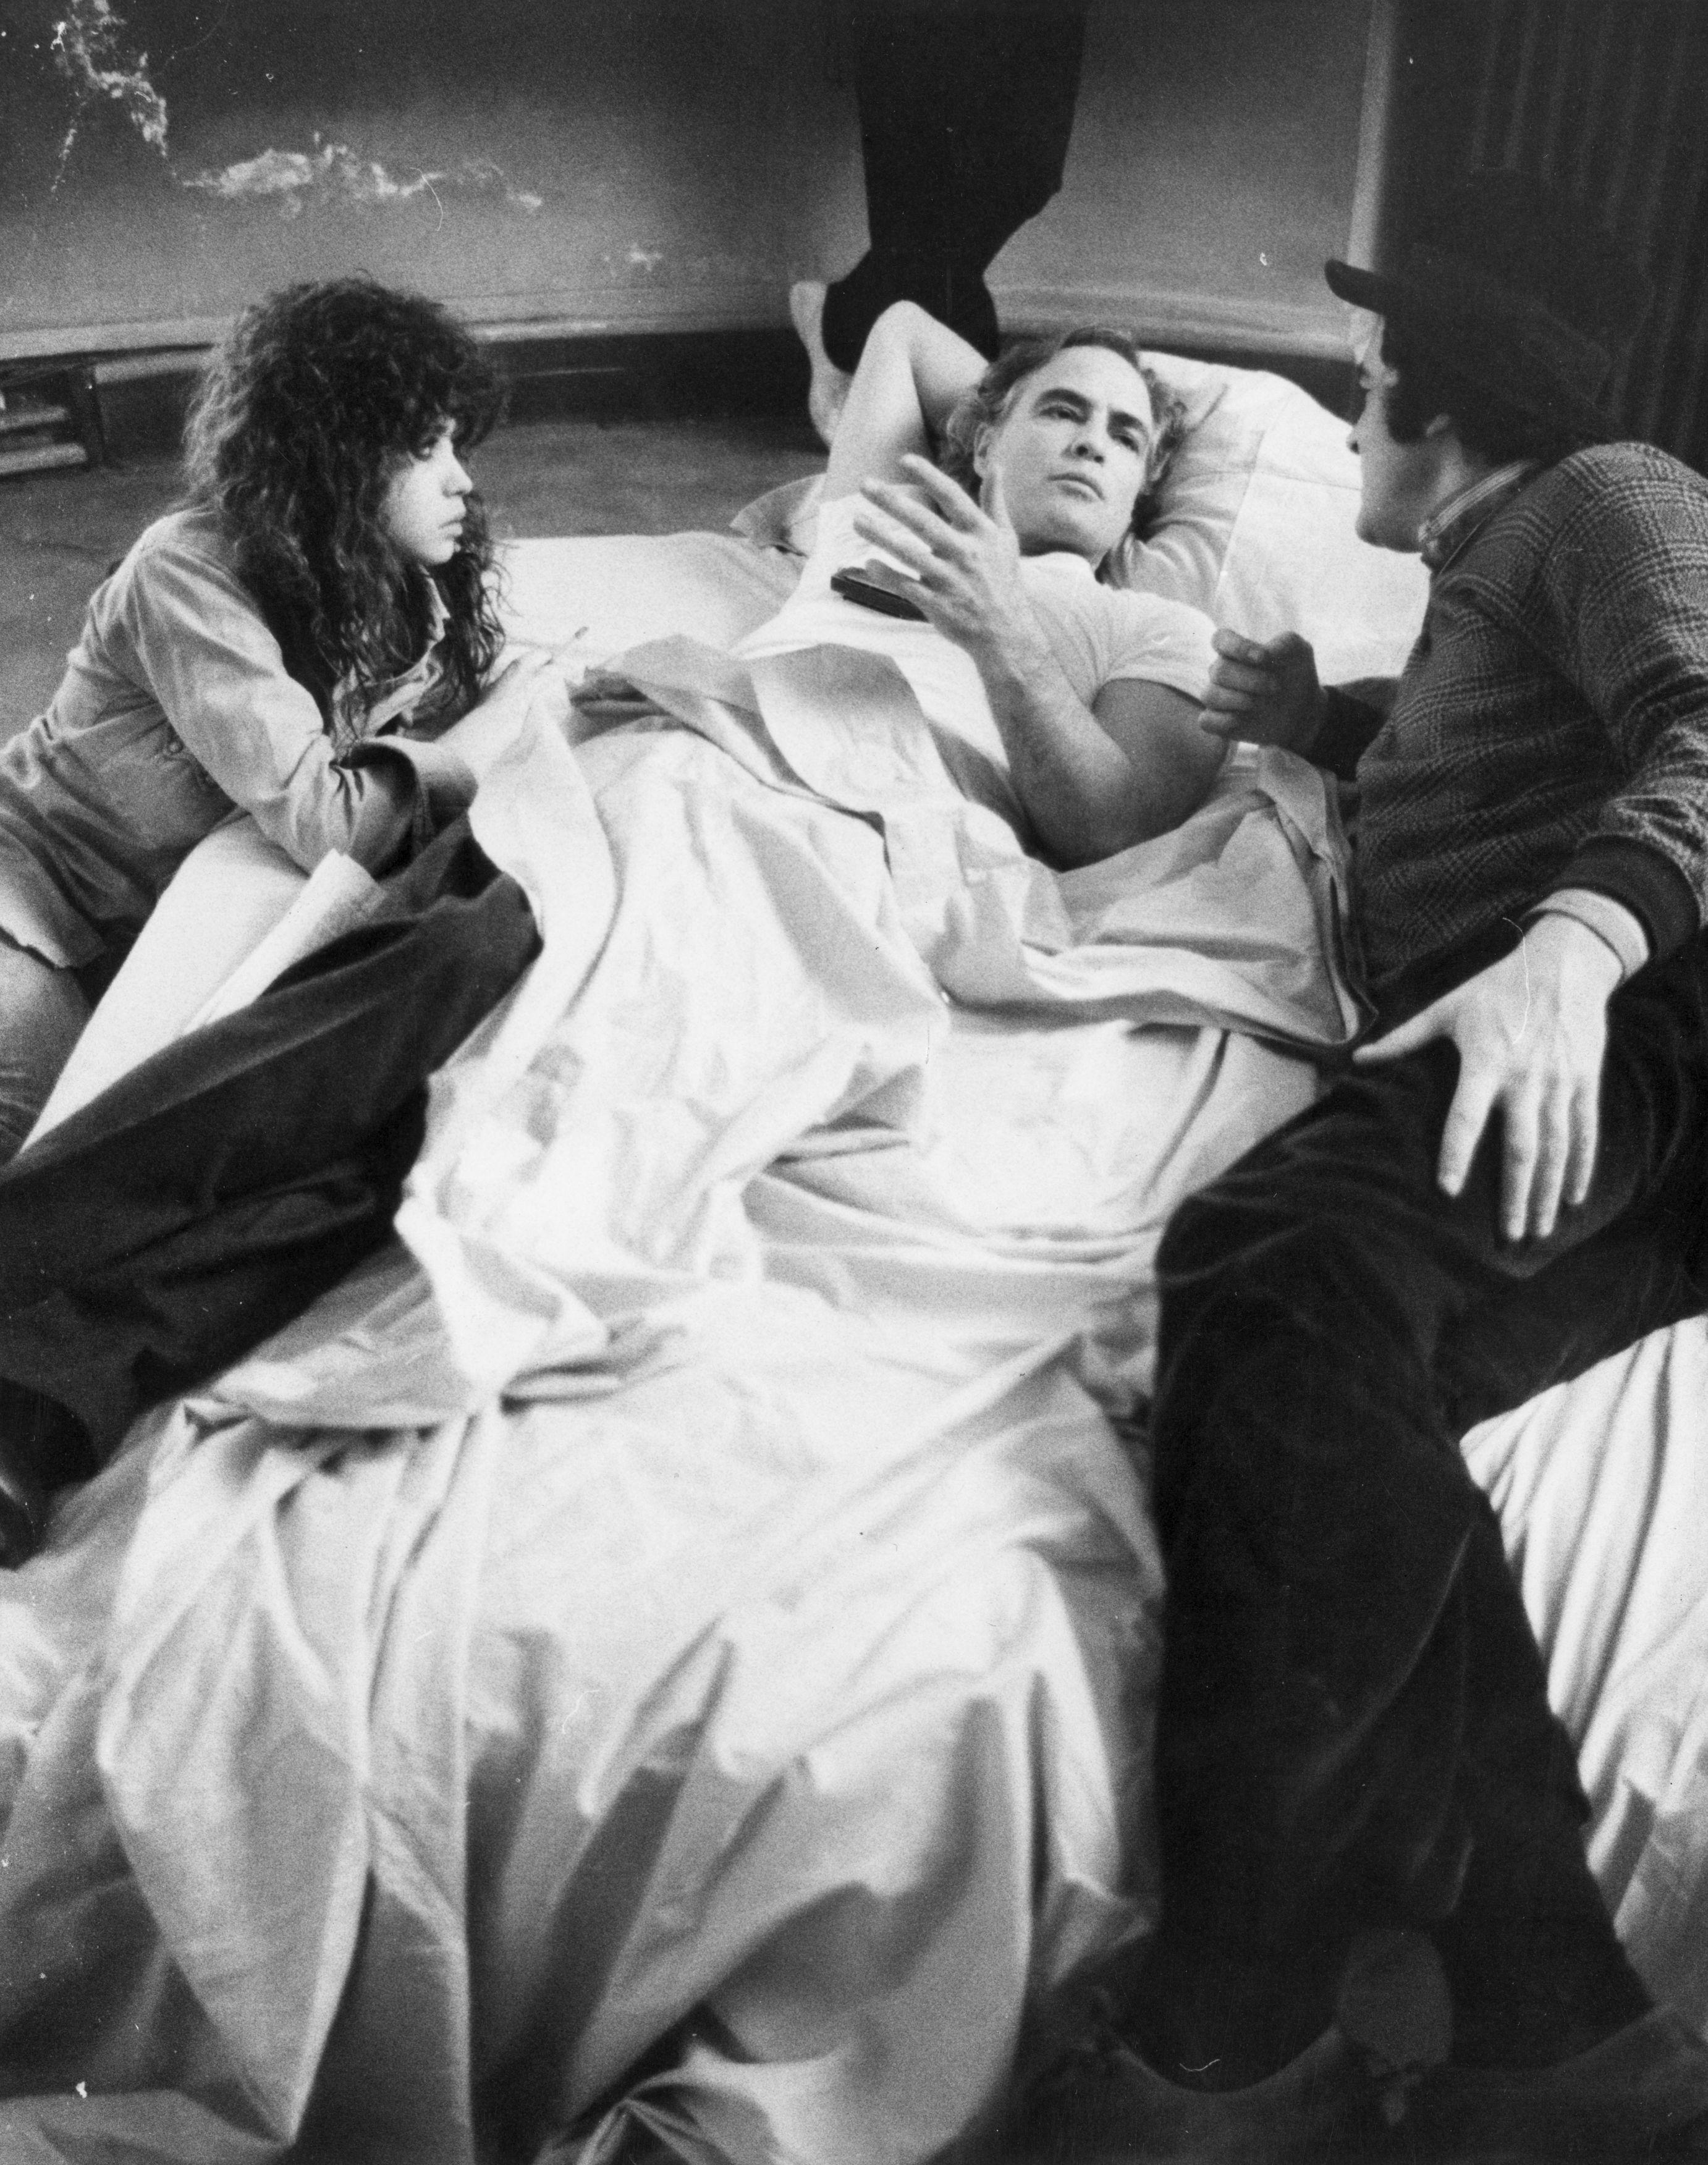 """""""Последно танго в Париж"""" разглежда само повърхностната страна в секса. В обсъждането на филма темата Секс често се надценява, като така се прикриват истинските теми на творбата. В същността си, тя е средство за изразяване на съвременните проблеми на идентичността и комуникация. Главната тема е екзистенциалната болка в рамките на съвременното общество, която разрушава и измъчва хората."""